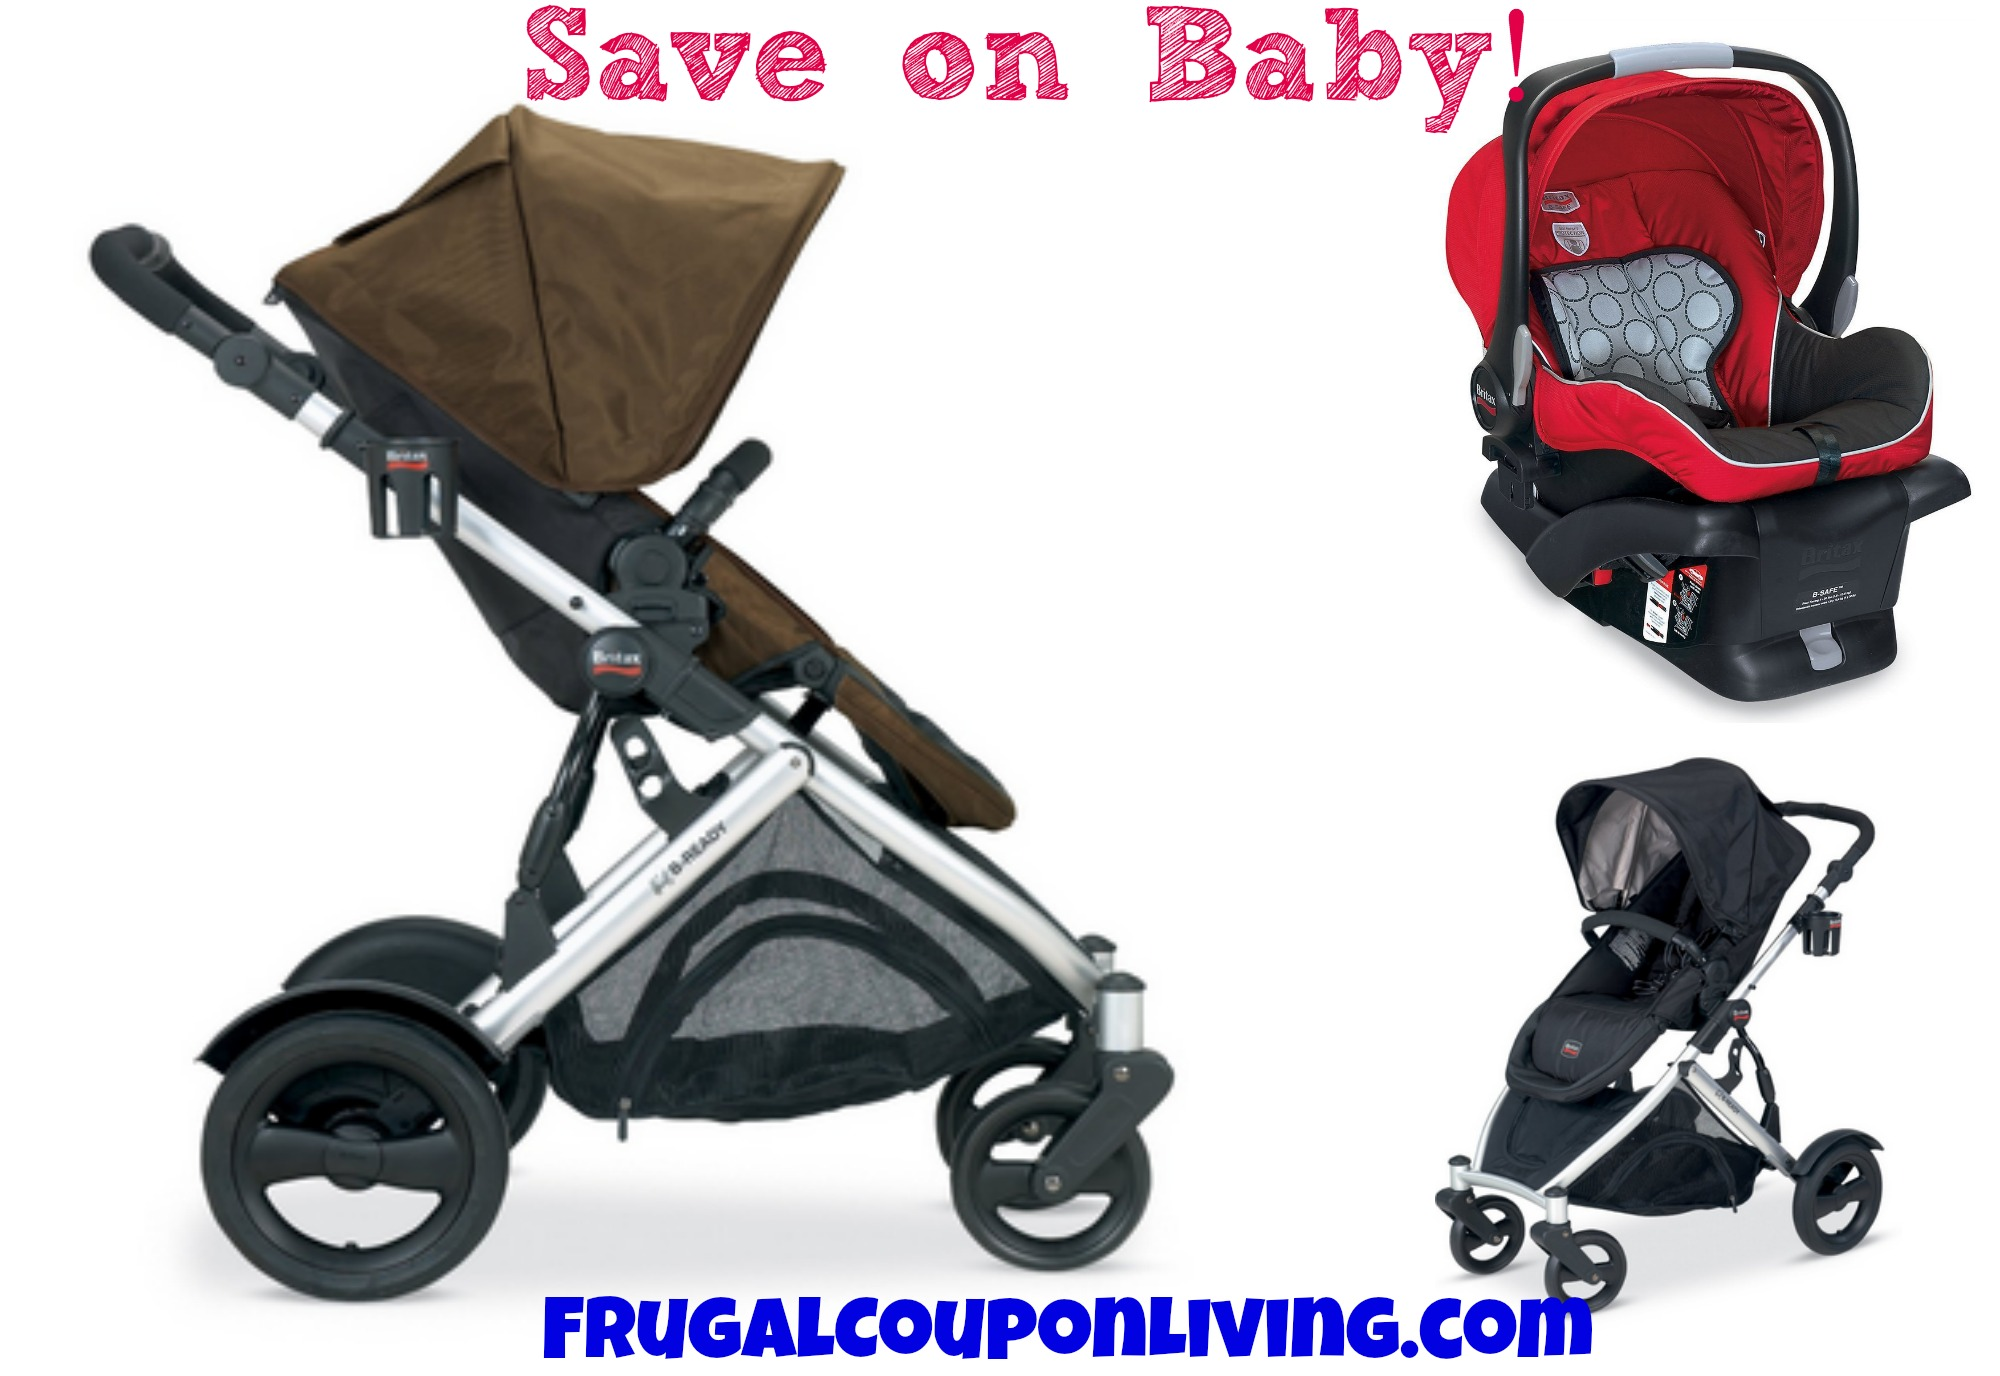 britax sale b ready stroller b safe infant car seat. Black Bedroom Furniture Sets. Home Design Ideas